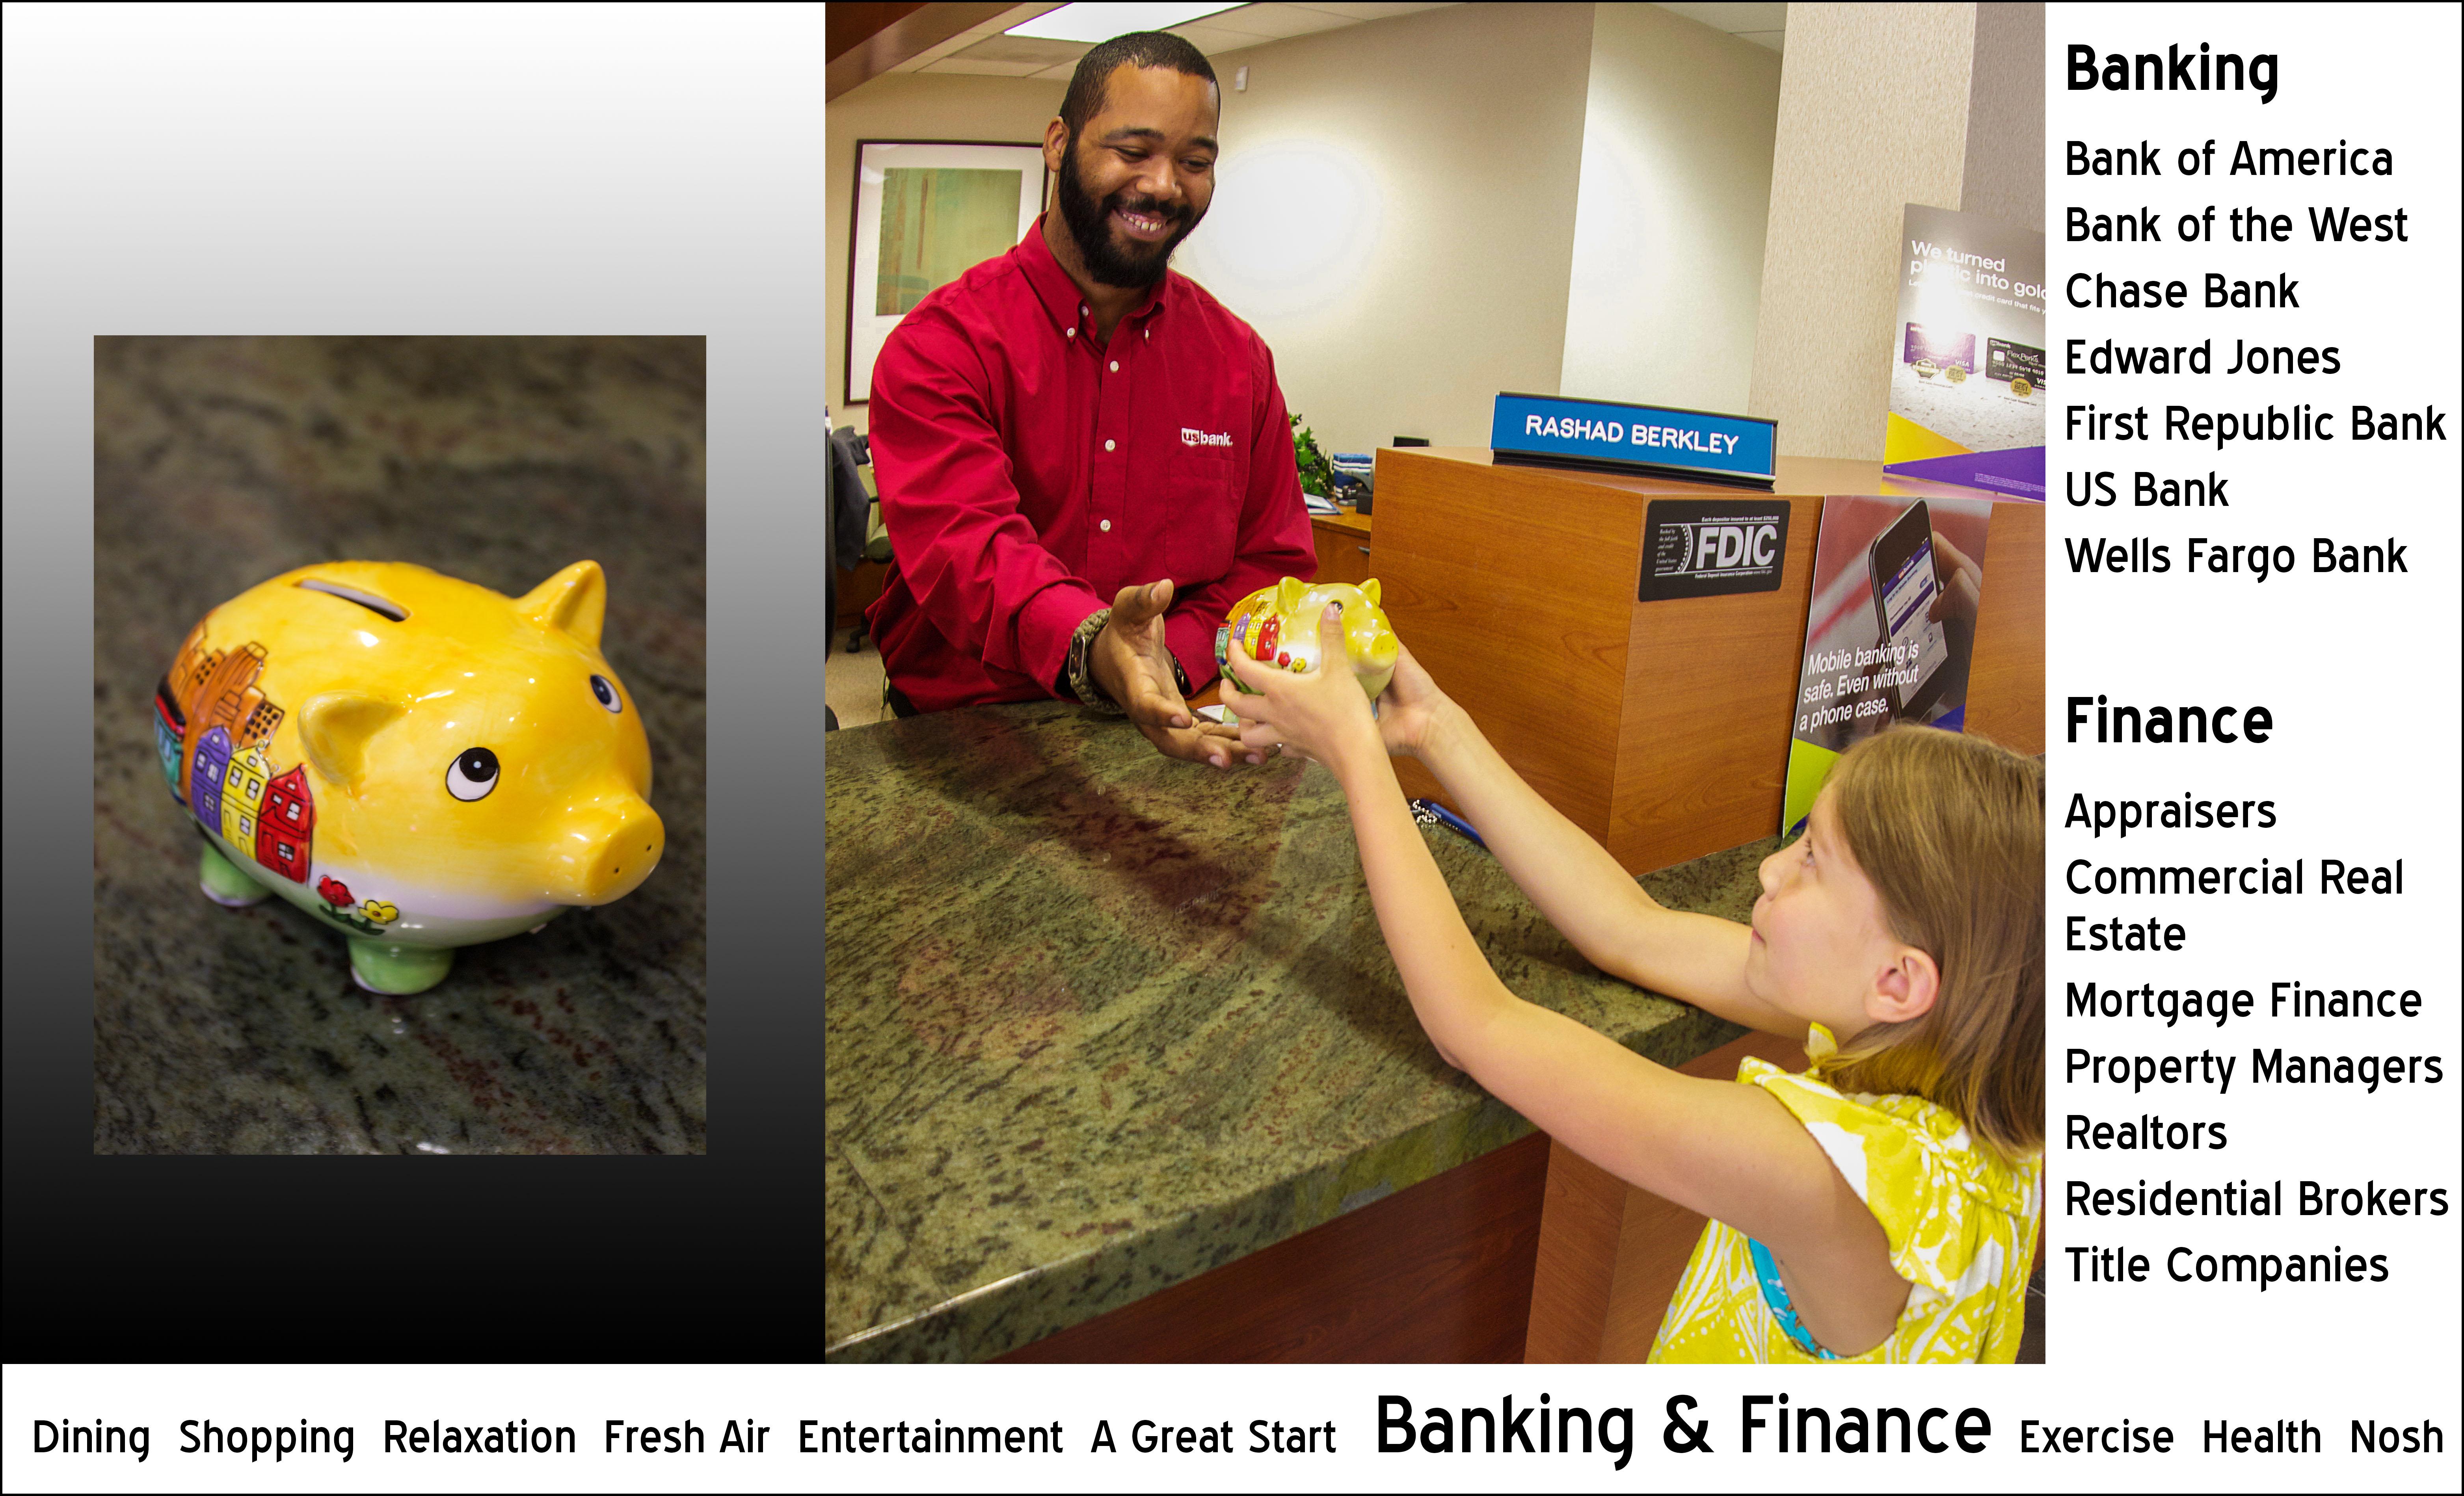 Banking titles